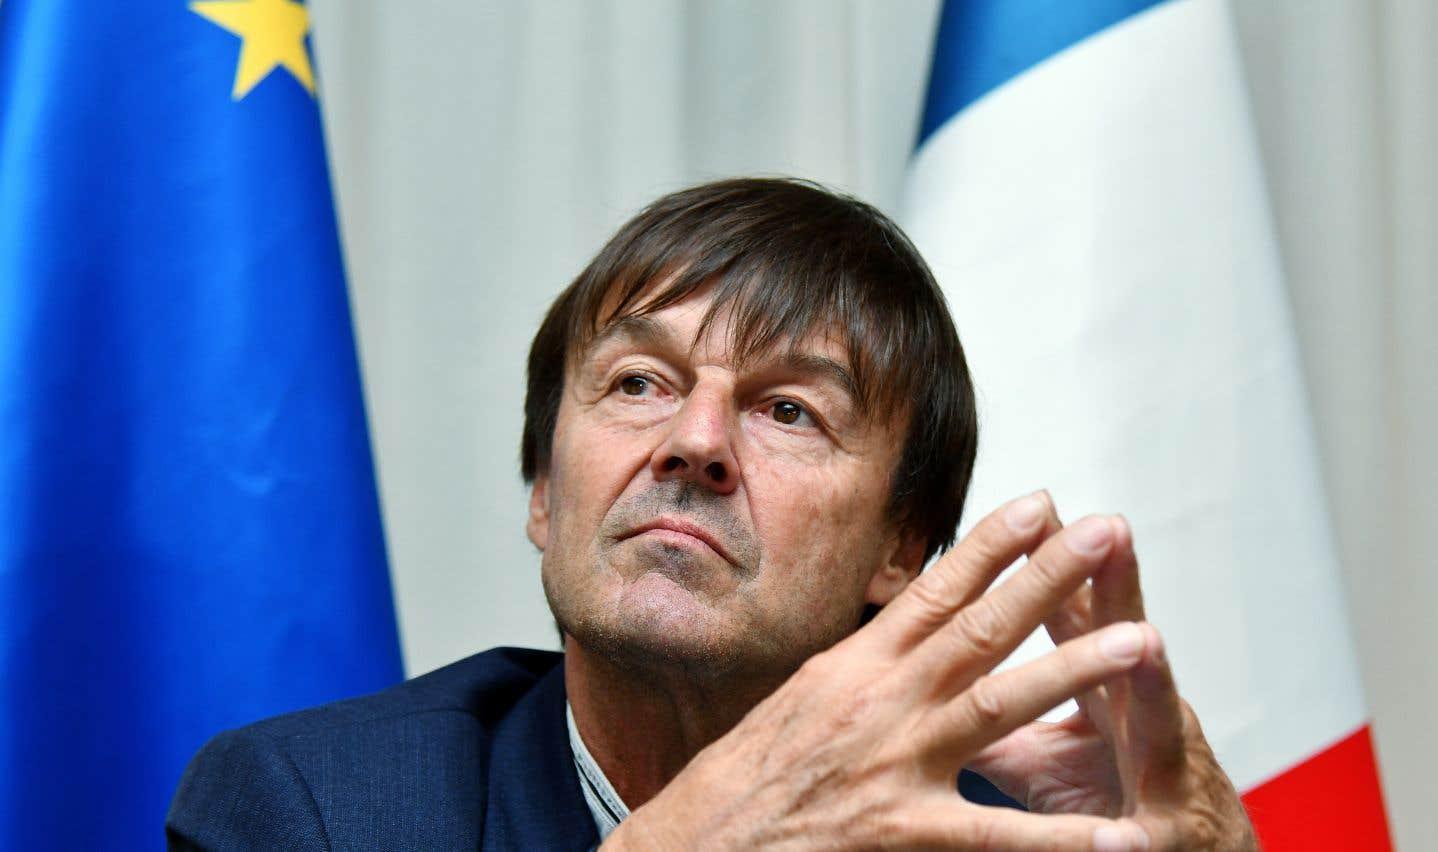 Climat: beaucoup reste à faire, prévient Nicolas Hulot